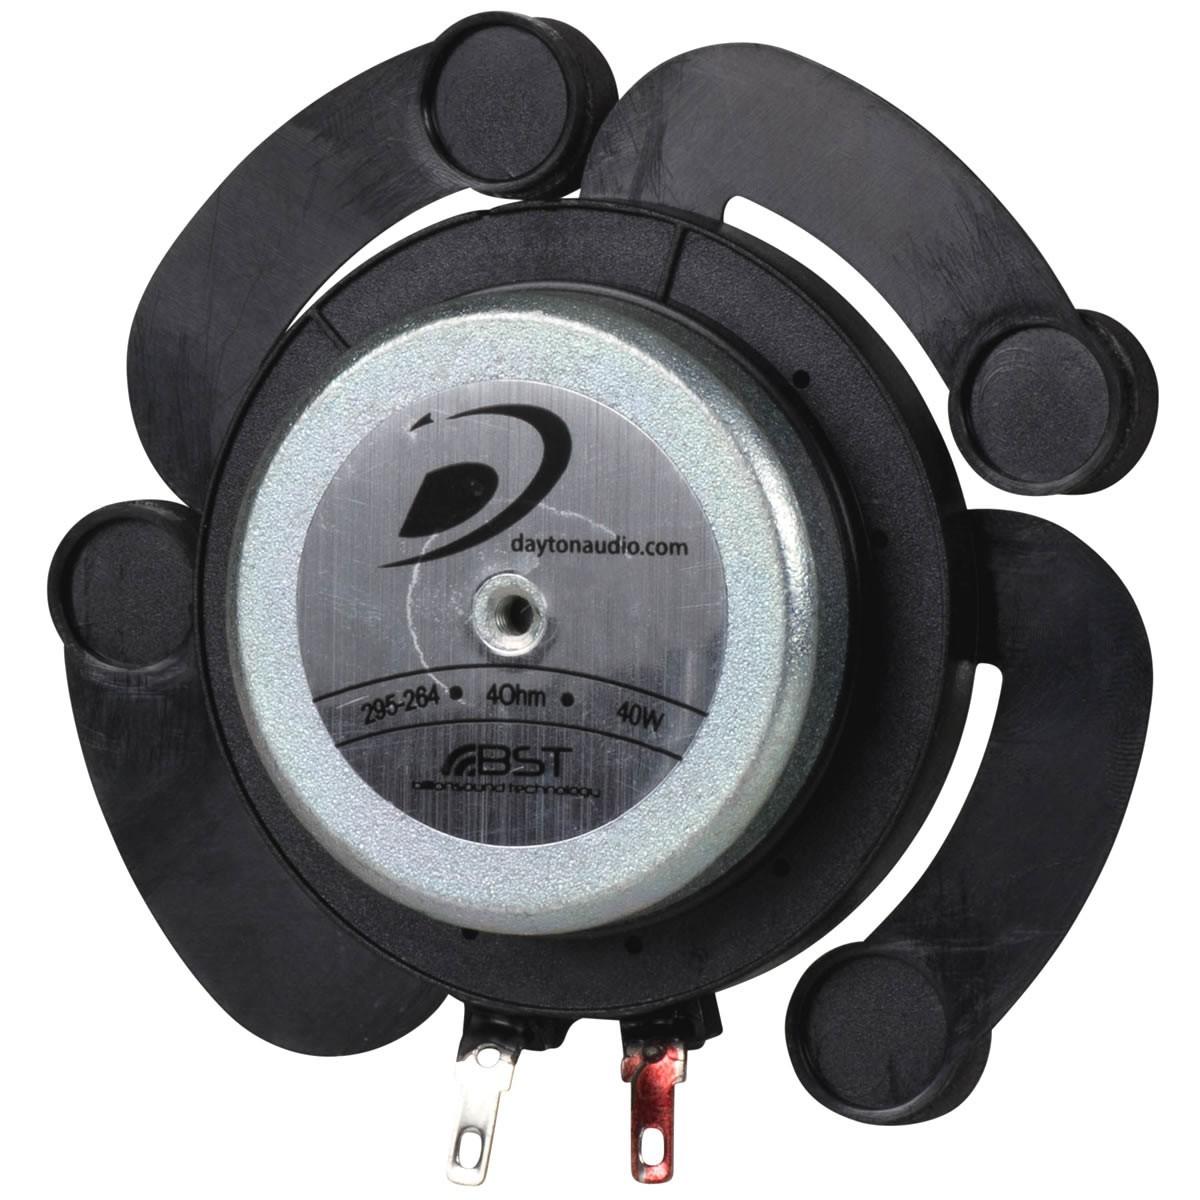 DAYTON AUDIO DAEX32QMB-4 Haut-Parleur Quad Vibreur Exciter Mega Bass 40W 4 Ohm Ø3.2cm